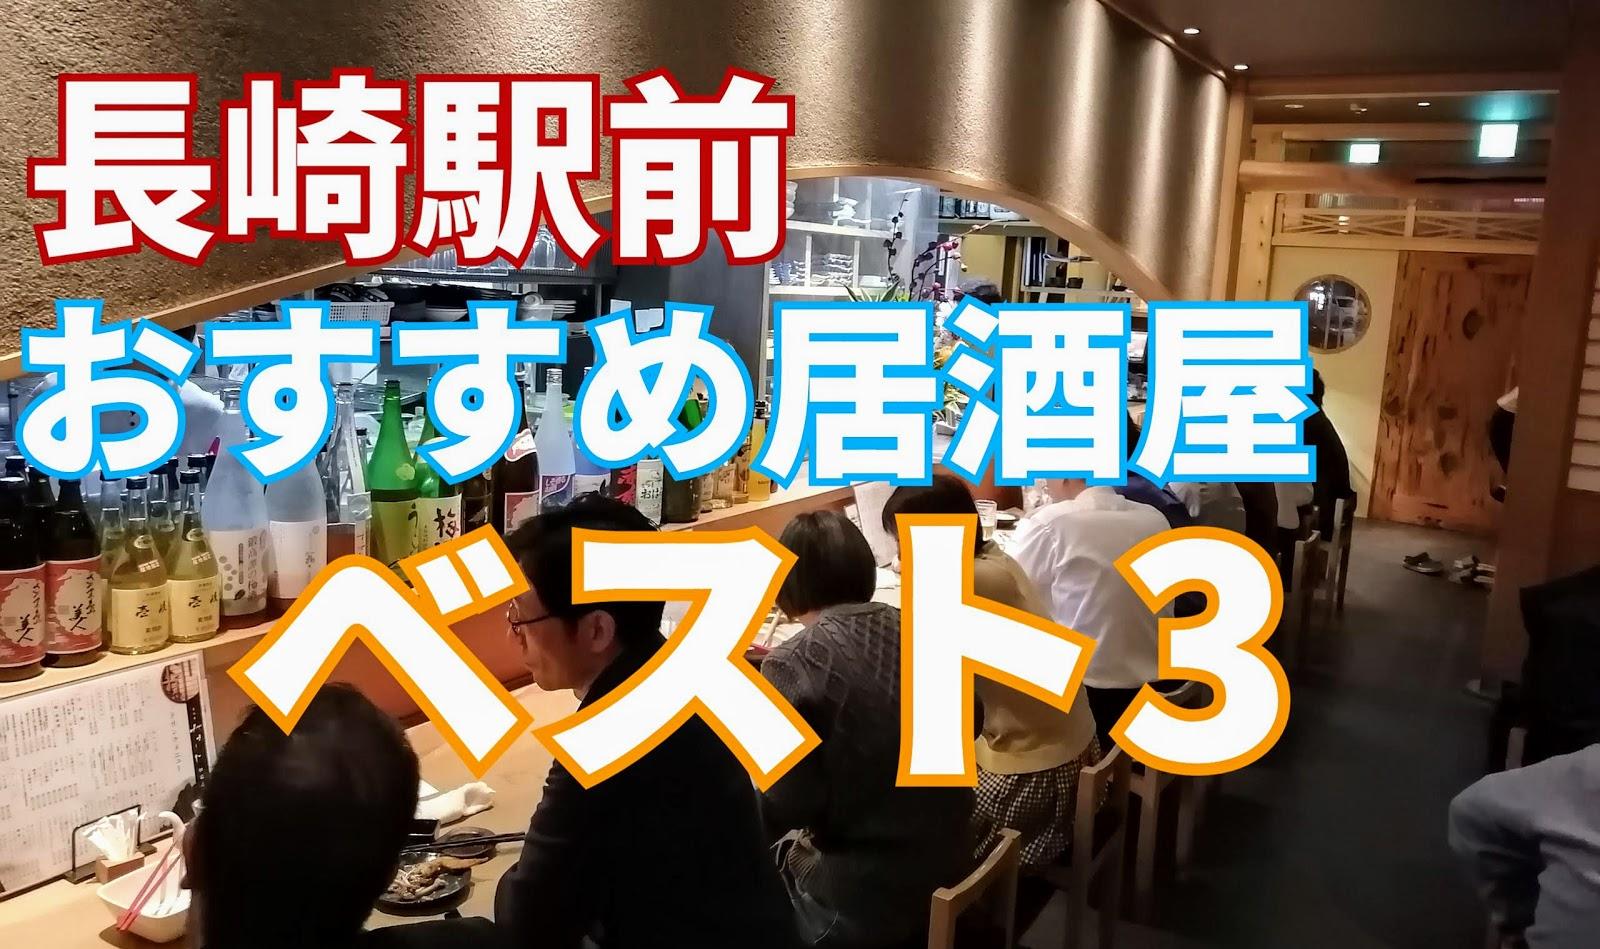 長崎駅前でおすすめの居酒屋ベスト3をご紹介します!